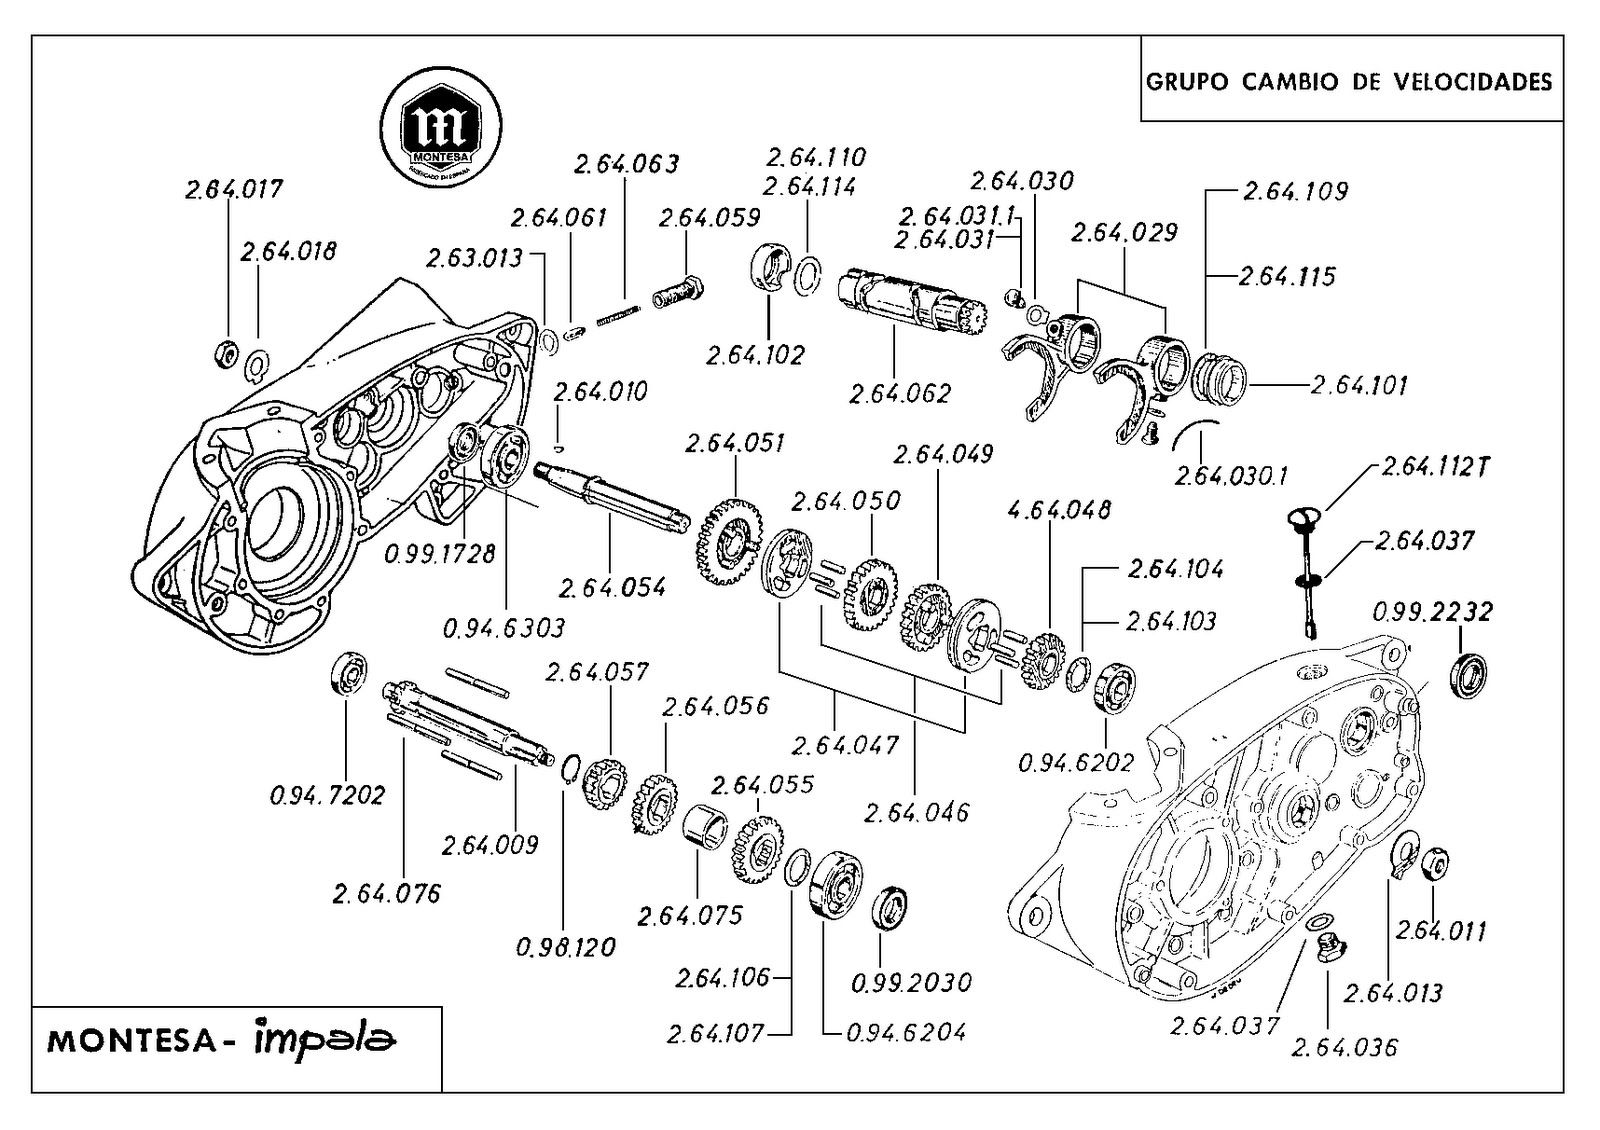 motos epoca bastidores y motores - Buscar con Google | Motos de ...